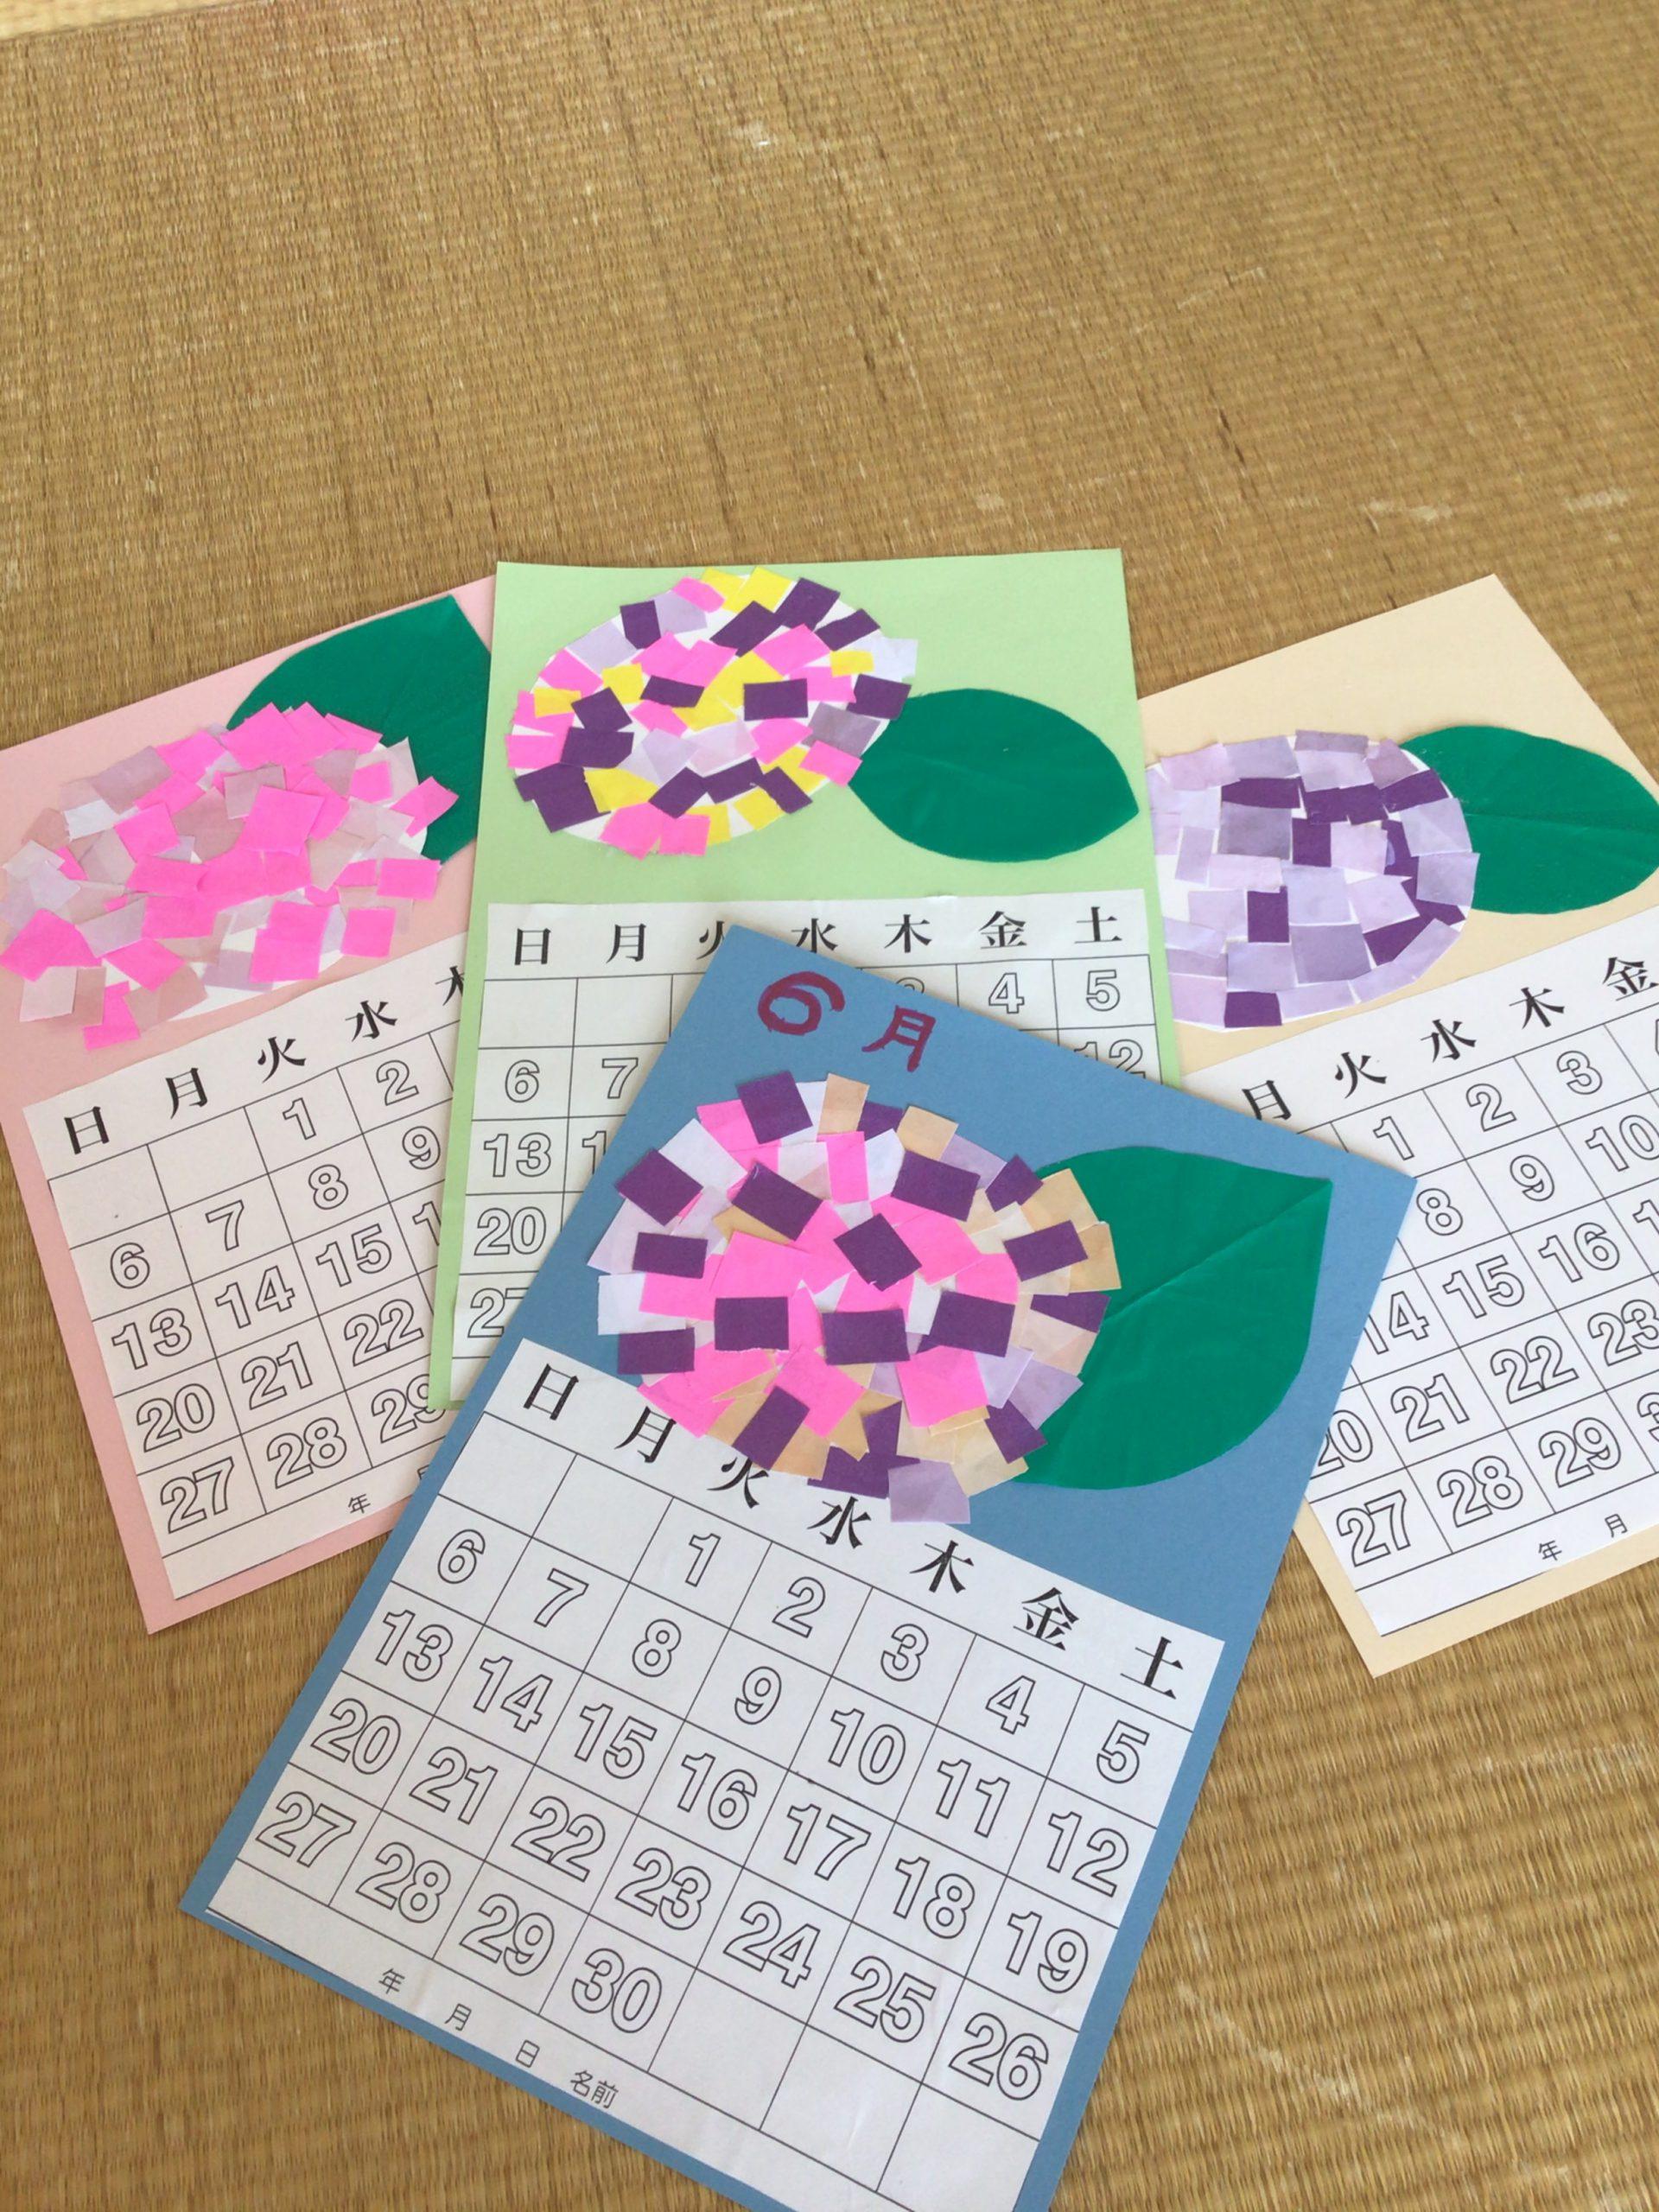 湖山ケアサービス米沢 6月のカレンダー作り